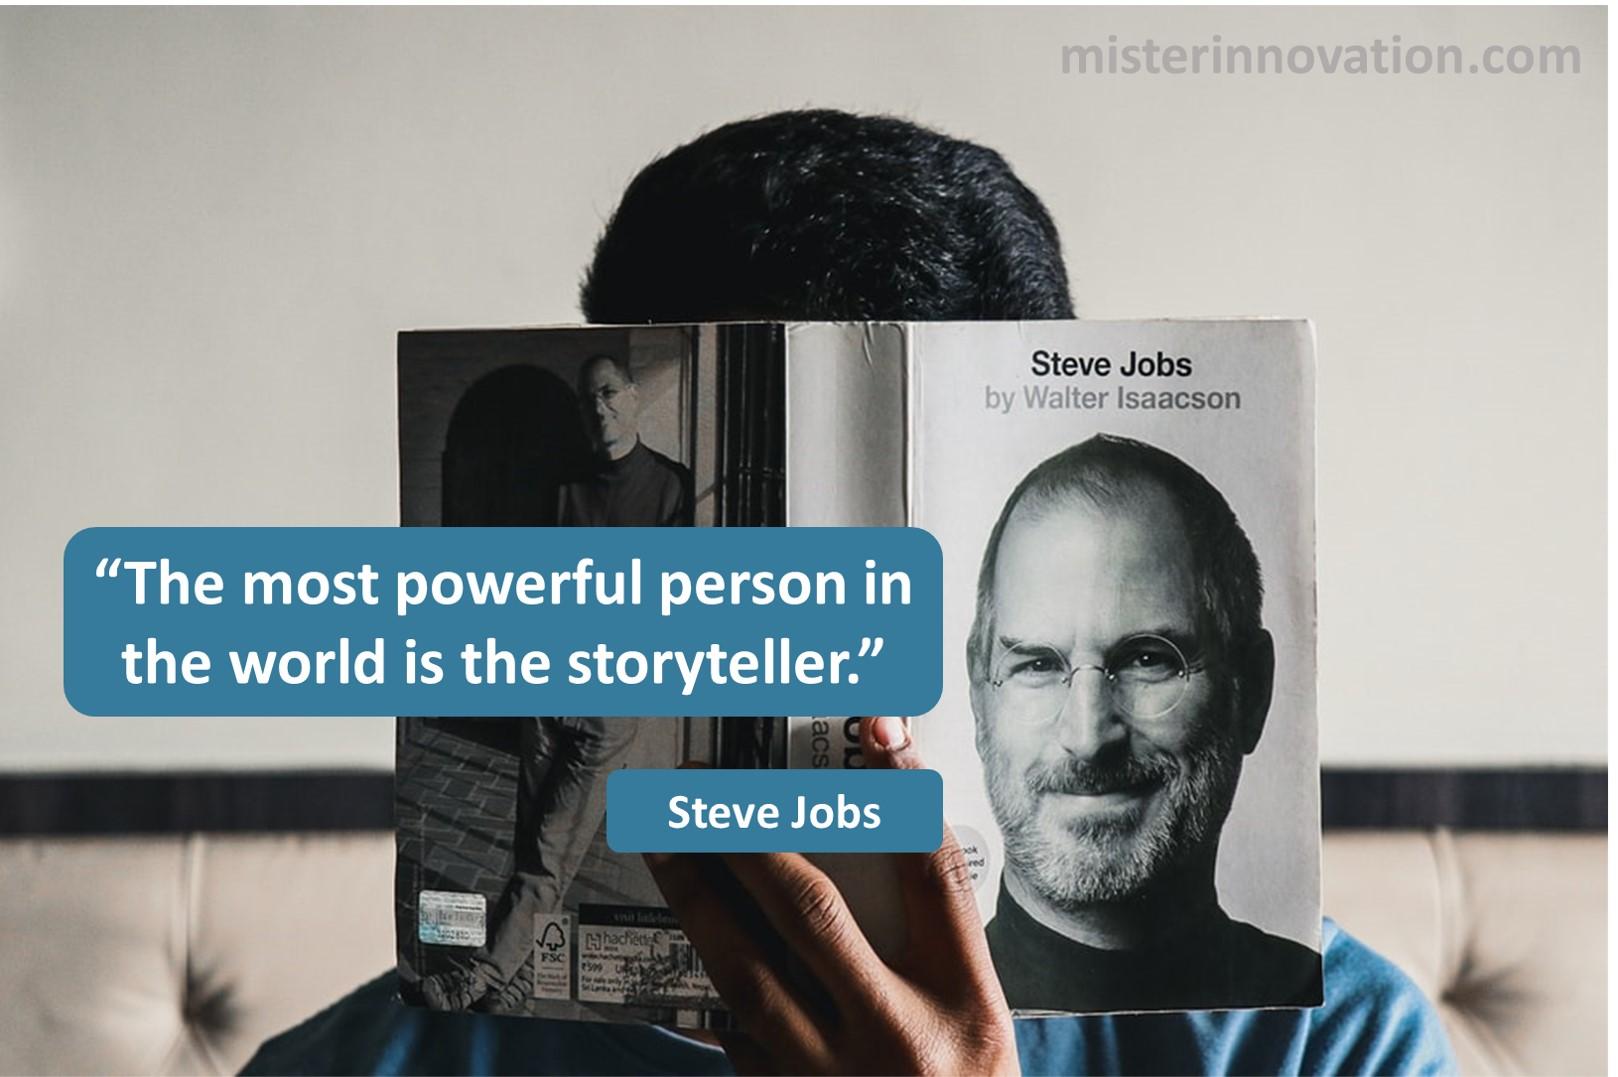 Steve Jobs Storyteller